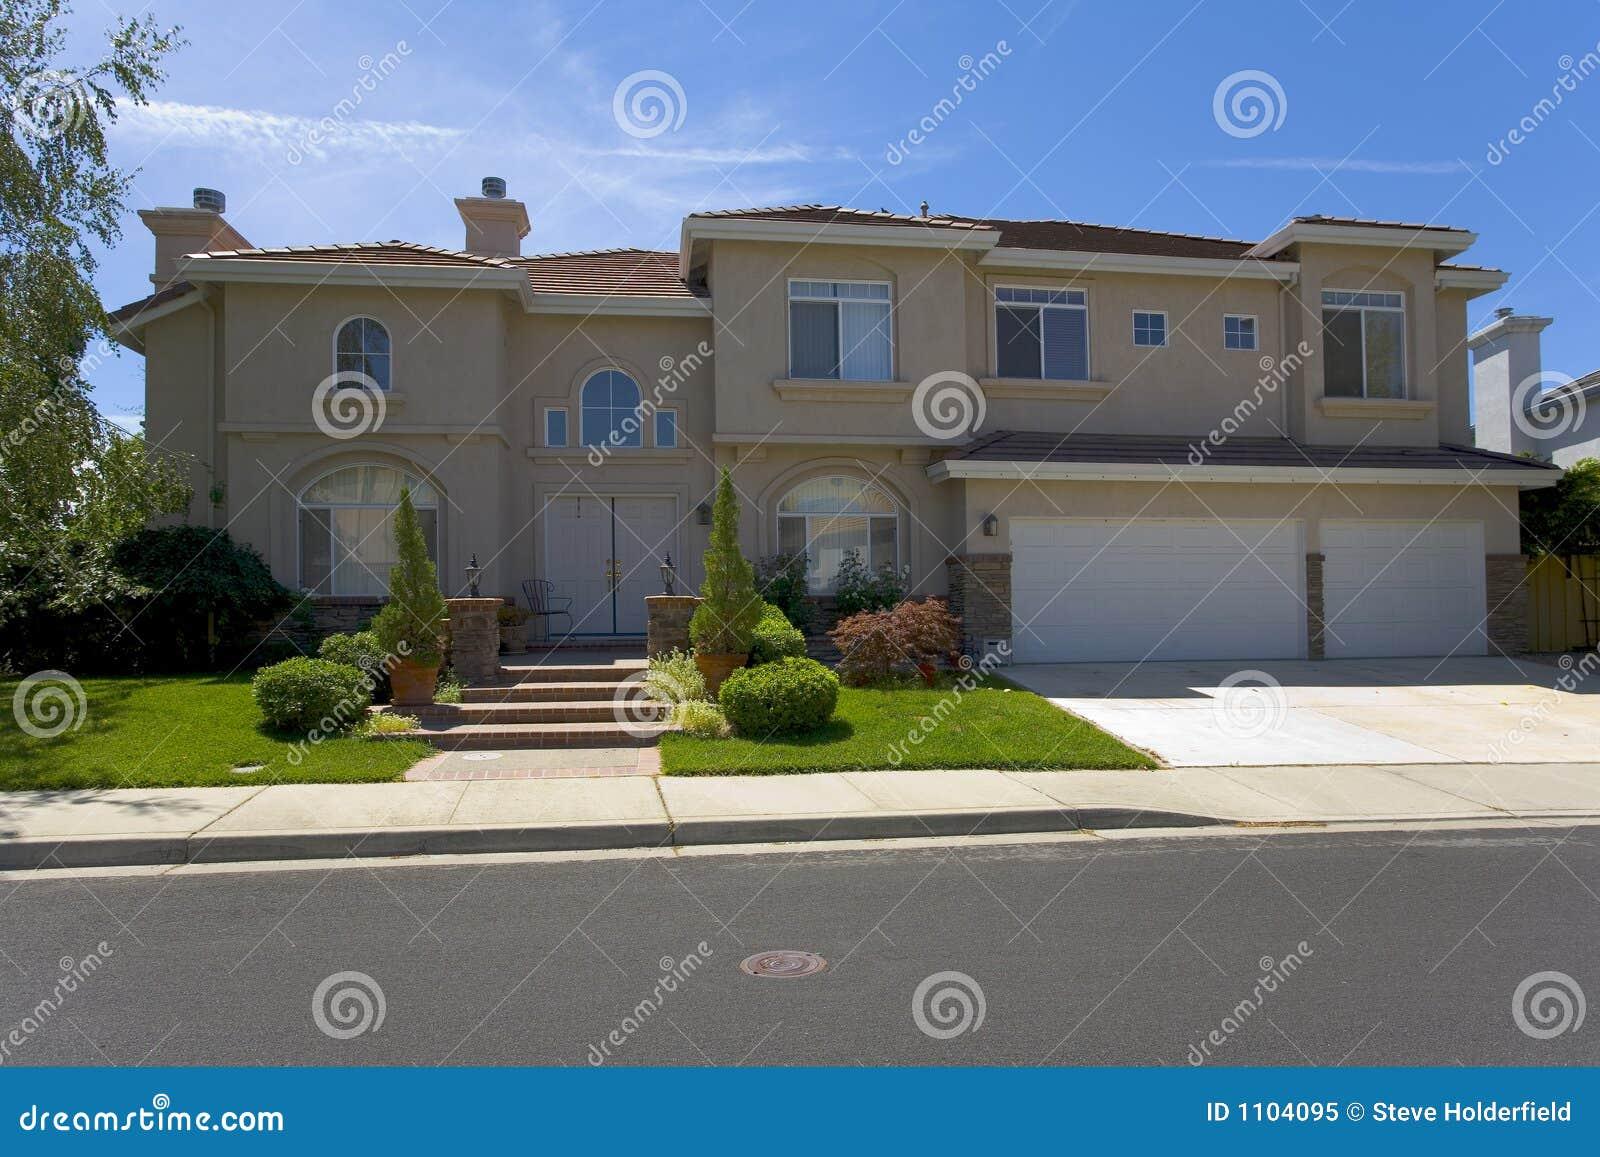 Grande maison contemporaine luxueuse de stuc photo libre for Maison en stuc